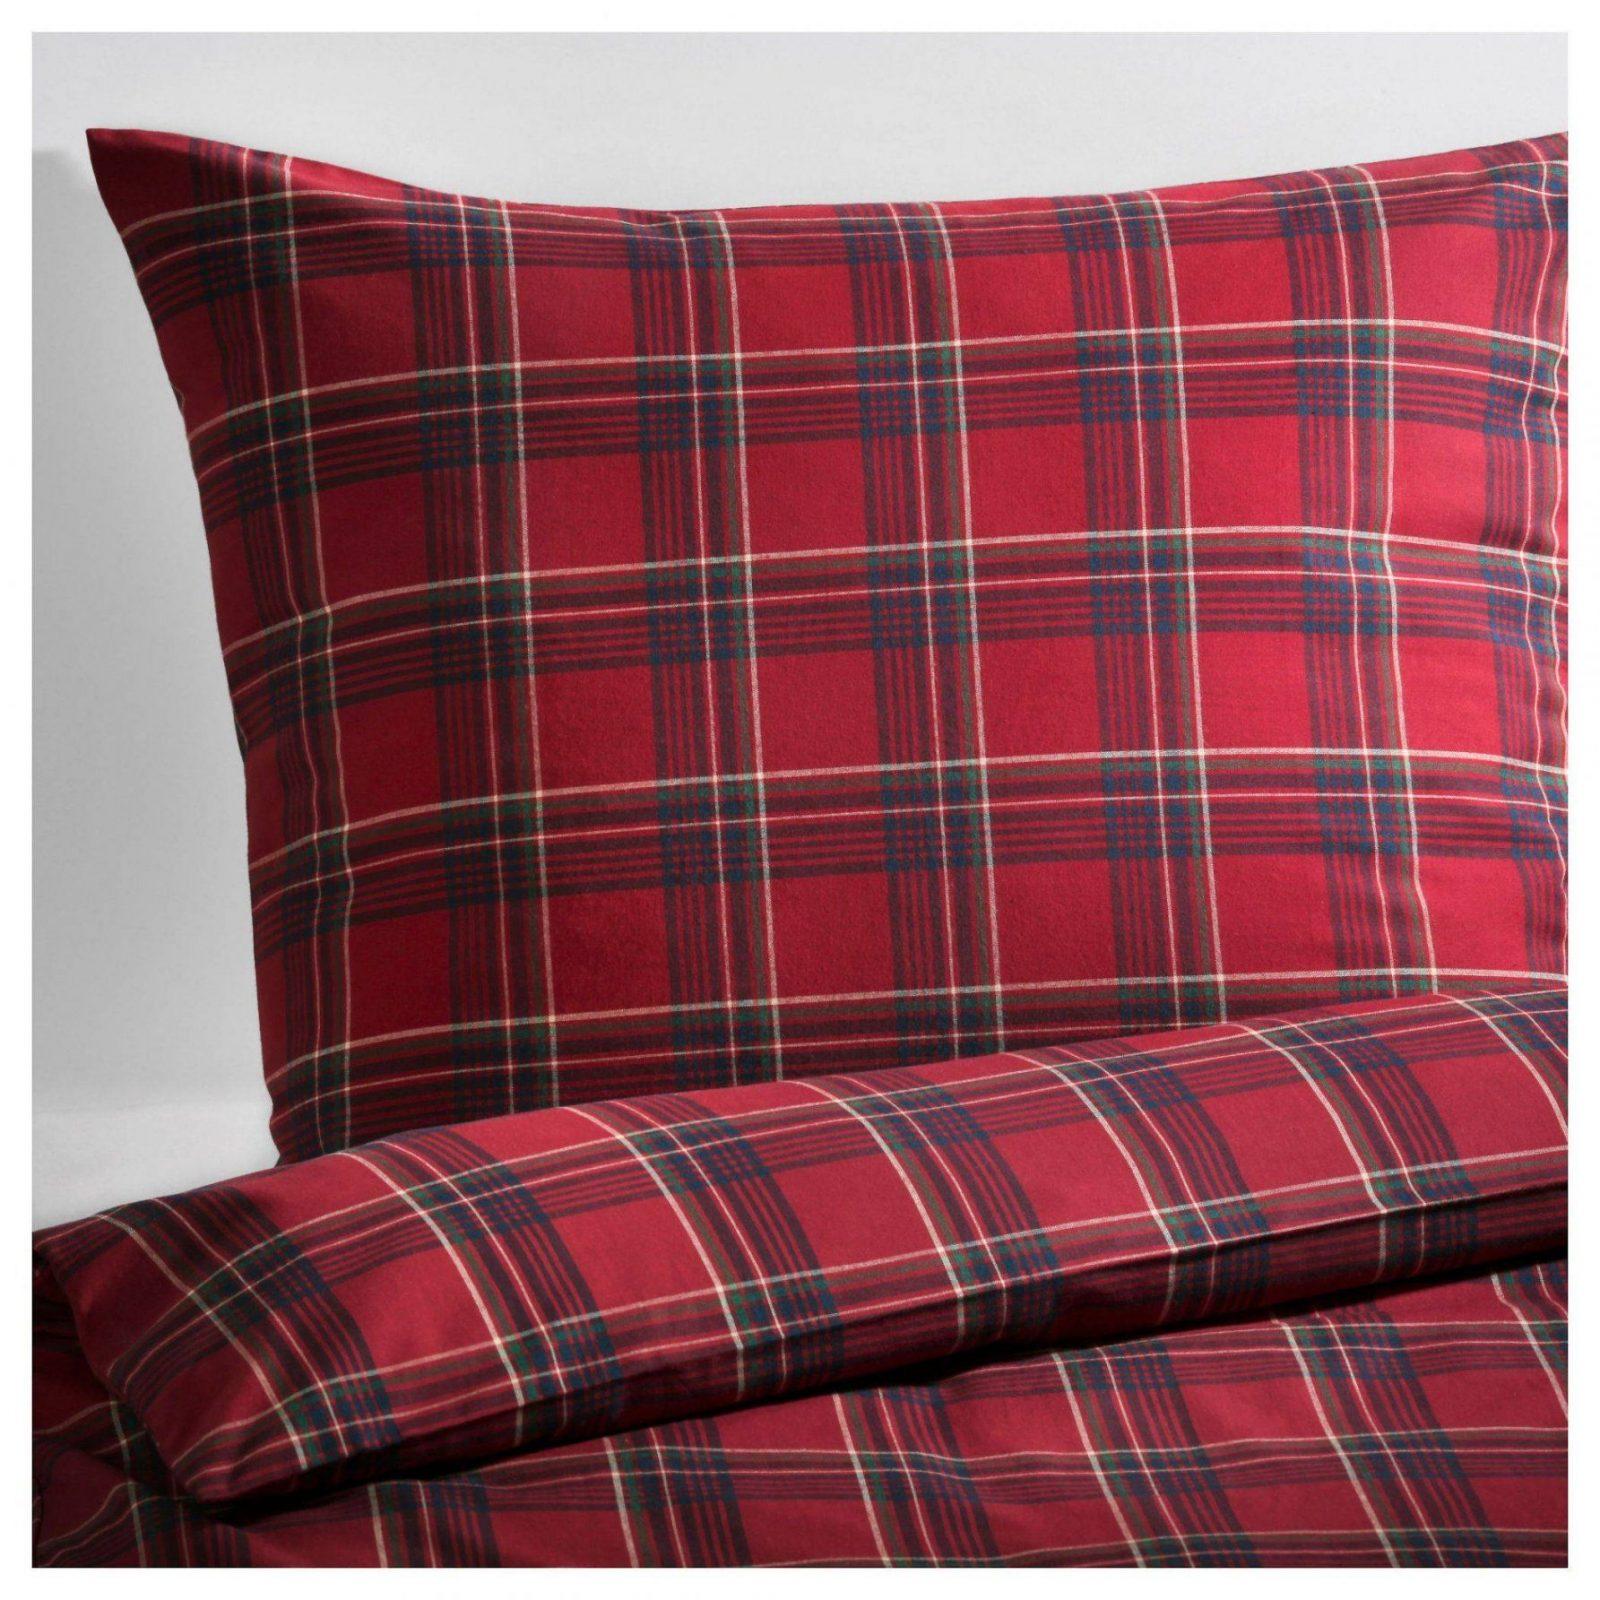 Ikea Svedstarr Bettwäsche Set Bettgarnitur 2Teilig Rot Kariert Von von Bettwäsche Ikea 155X220 Bild